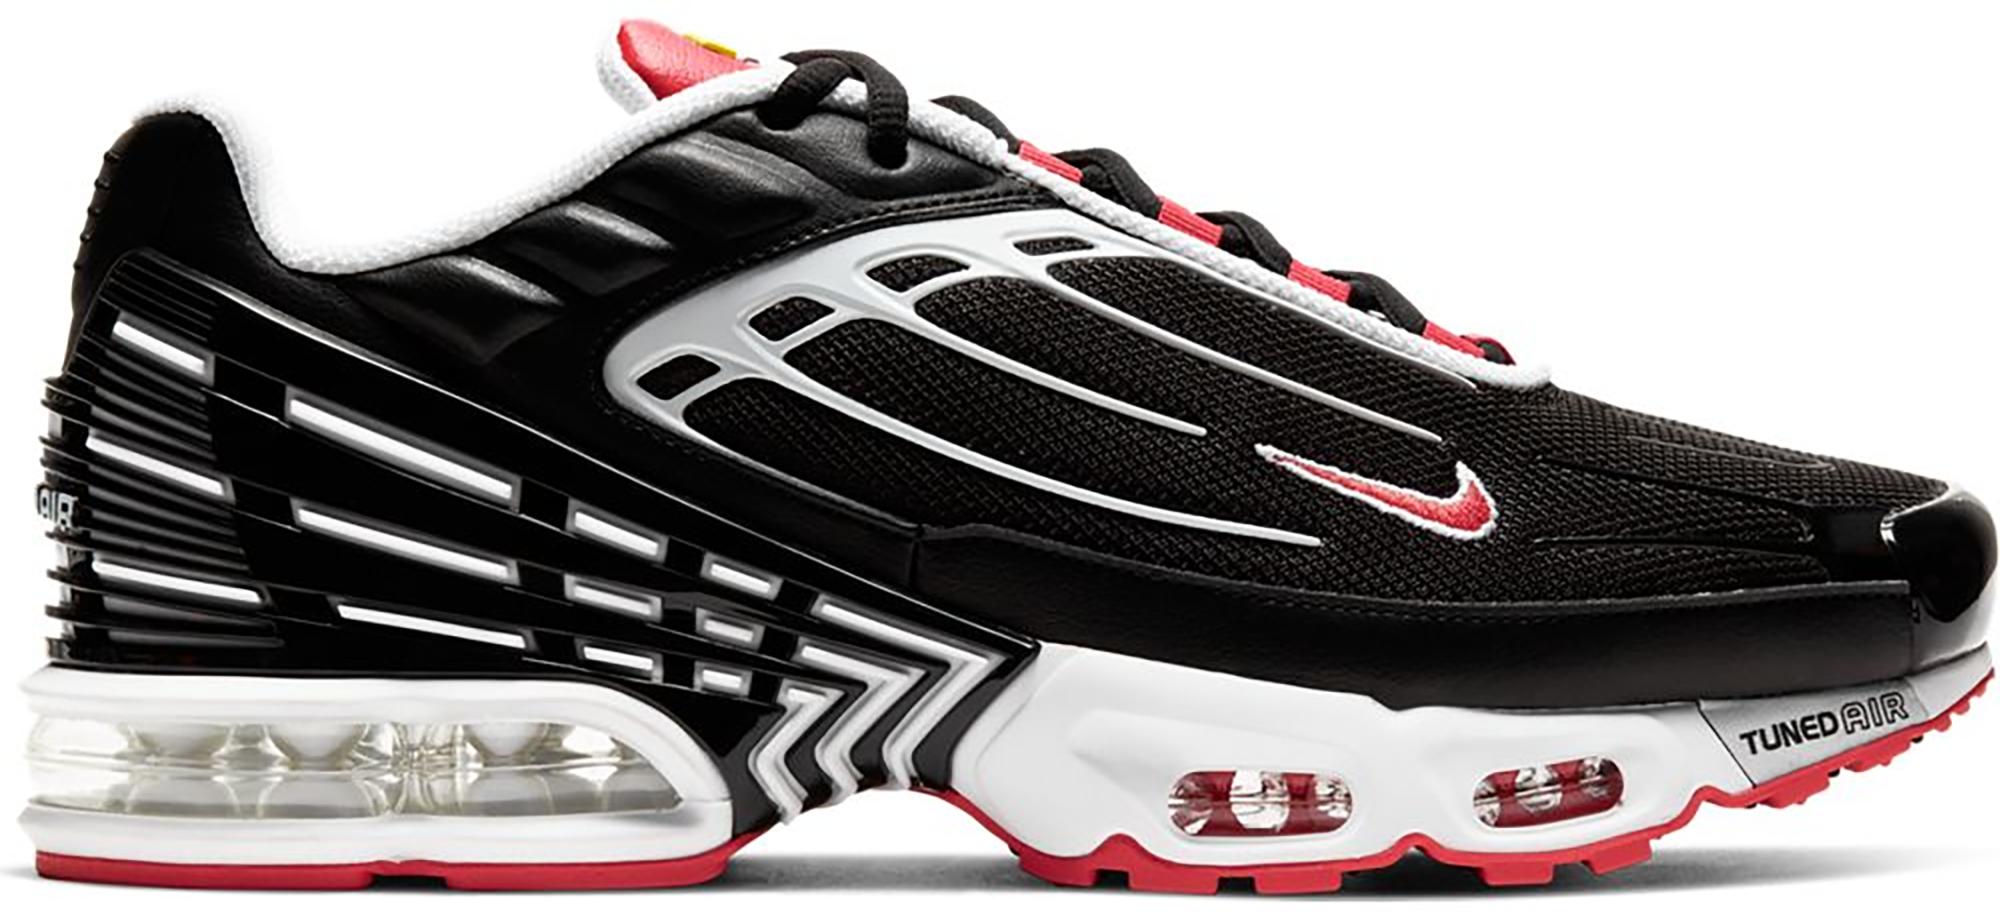 Nike Air Max Plus 3 Black White Track